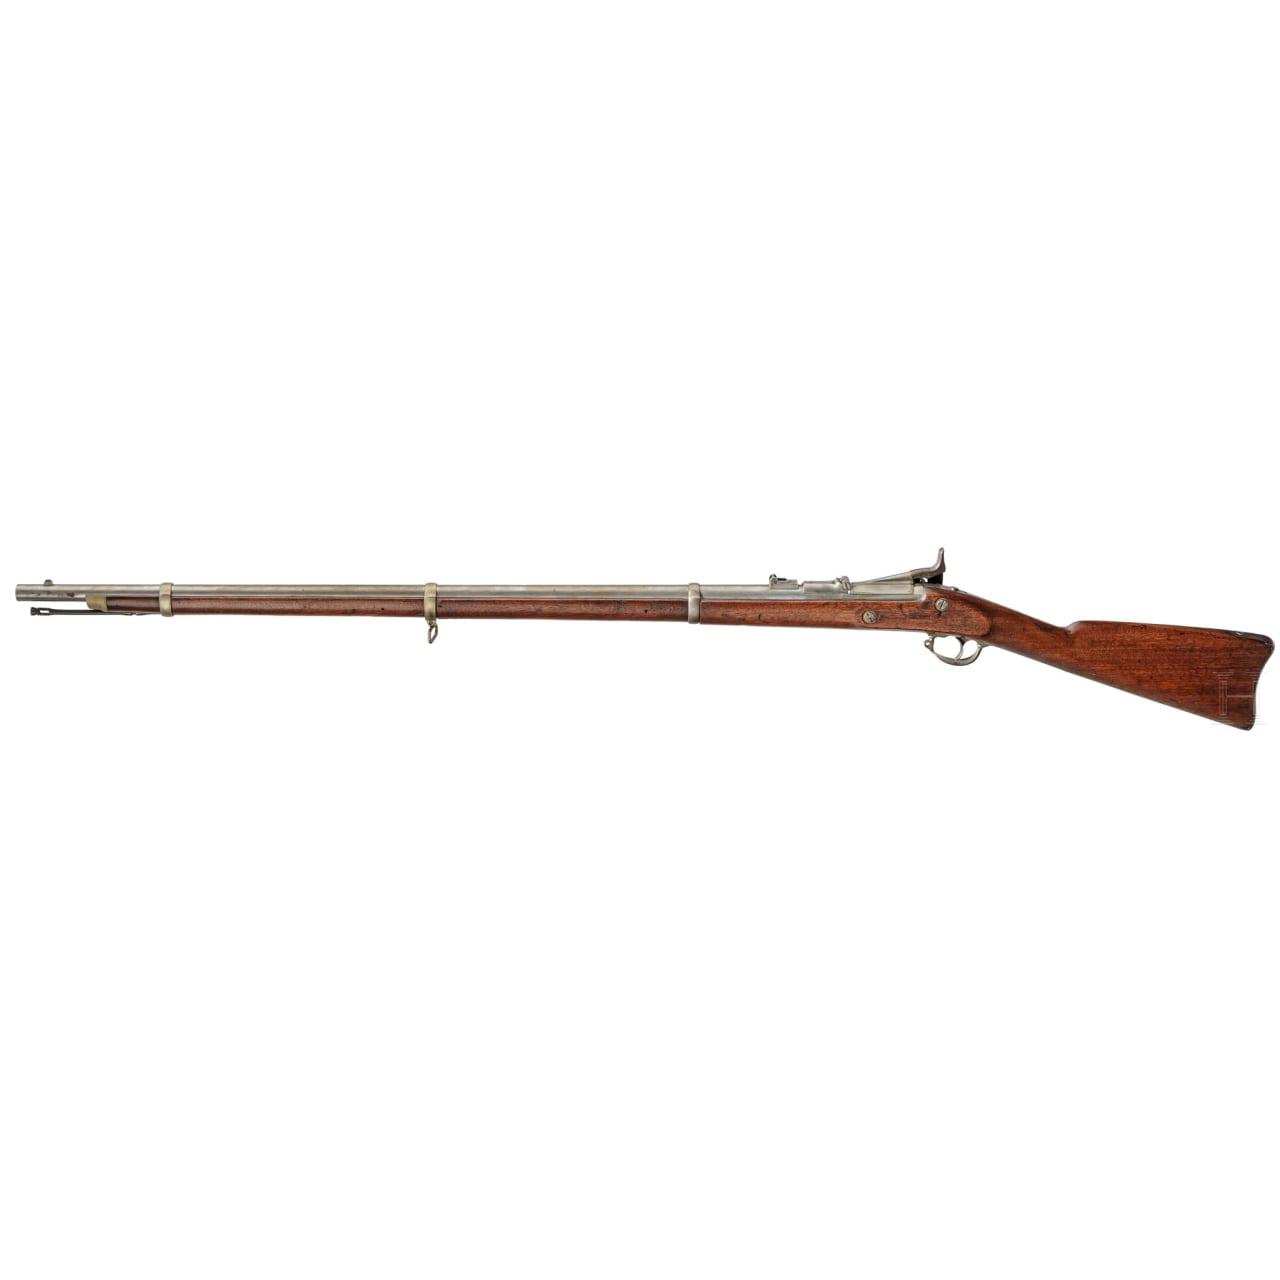 Allin Conversion Model 1866 Rifle